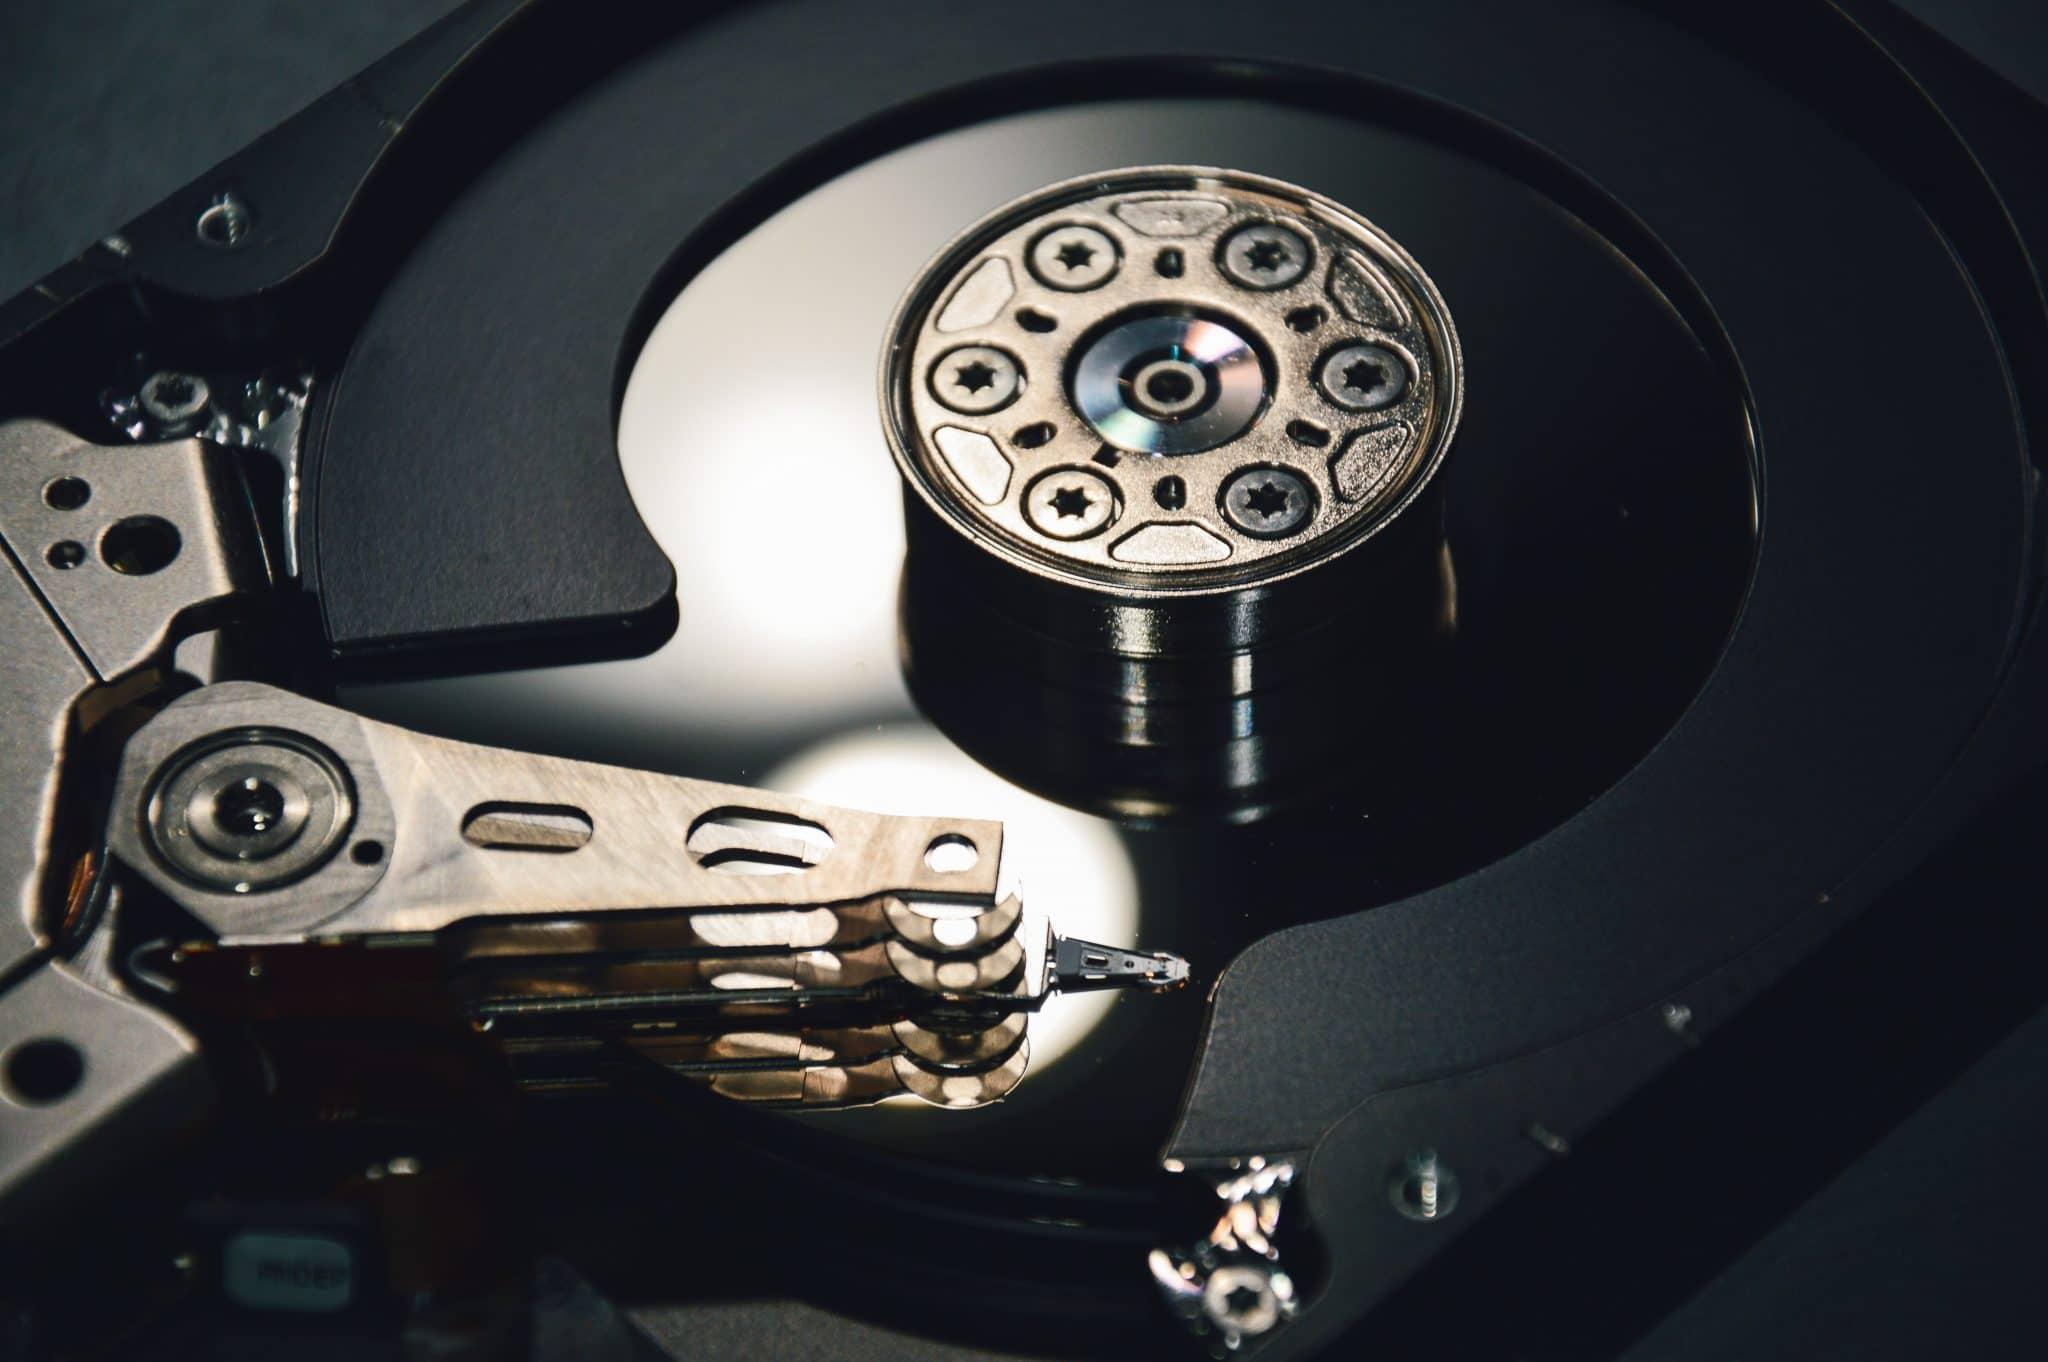 nærbillede af harddisk